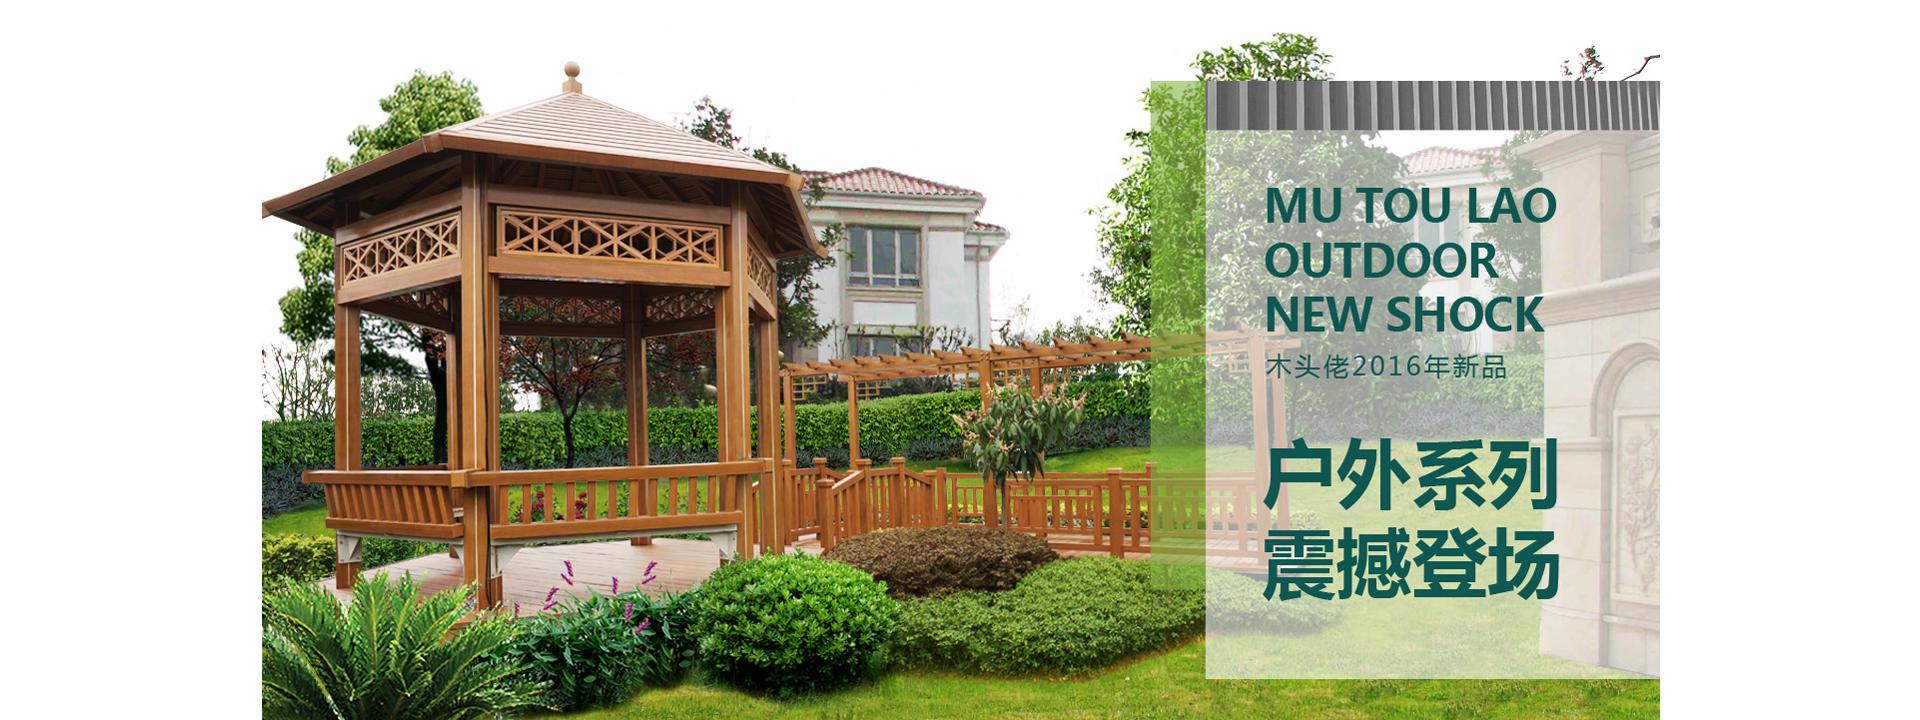 广州市恒德环保材料有限公司成立于2009年,坐落于国家级新区广州市南沙区,拥有35000余平米的厂房,专注于生态木产业研发、生产、销售、设计、安装、物流,是国内大型现代化环保材料生产企业。旗下成功培育生态木行业头号品牌木头佬专业生产生态木吊顶天花、室内外墙板、凉亭、围栏、花架、地板、吸音板、室内外装修等系列新型环保材料产品。产品广泛应用于别墅花园、庭院景观、旅游产业、星级酒店等大型工程。